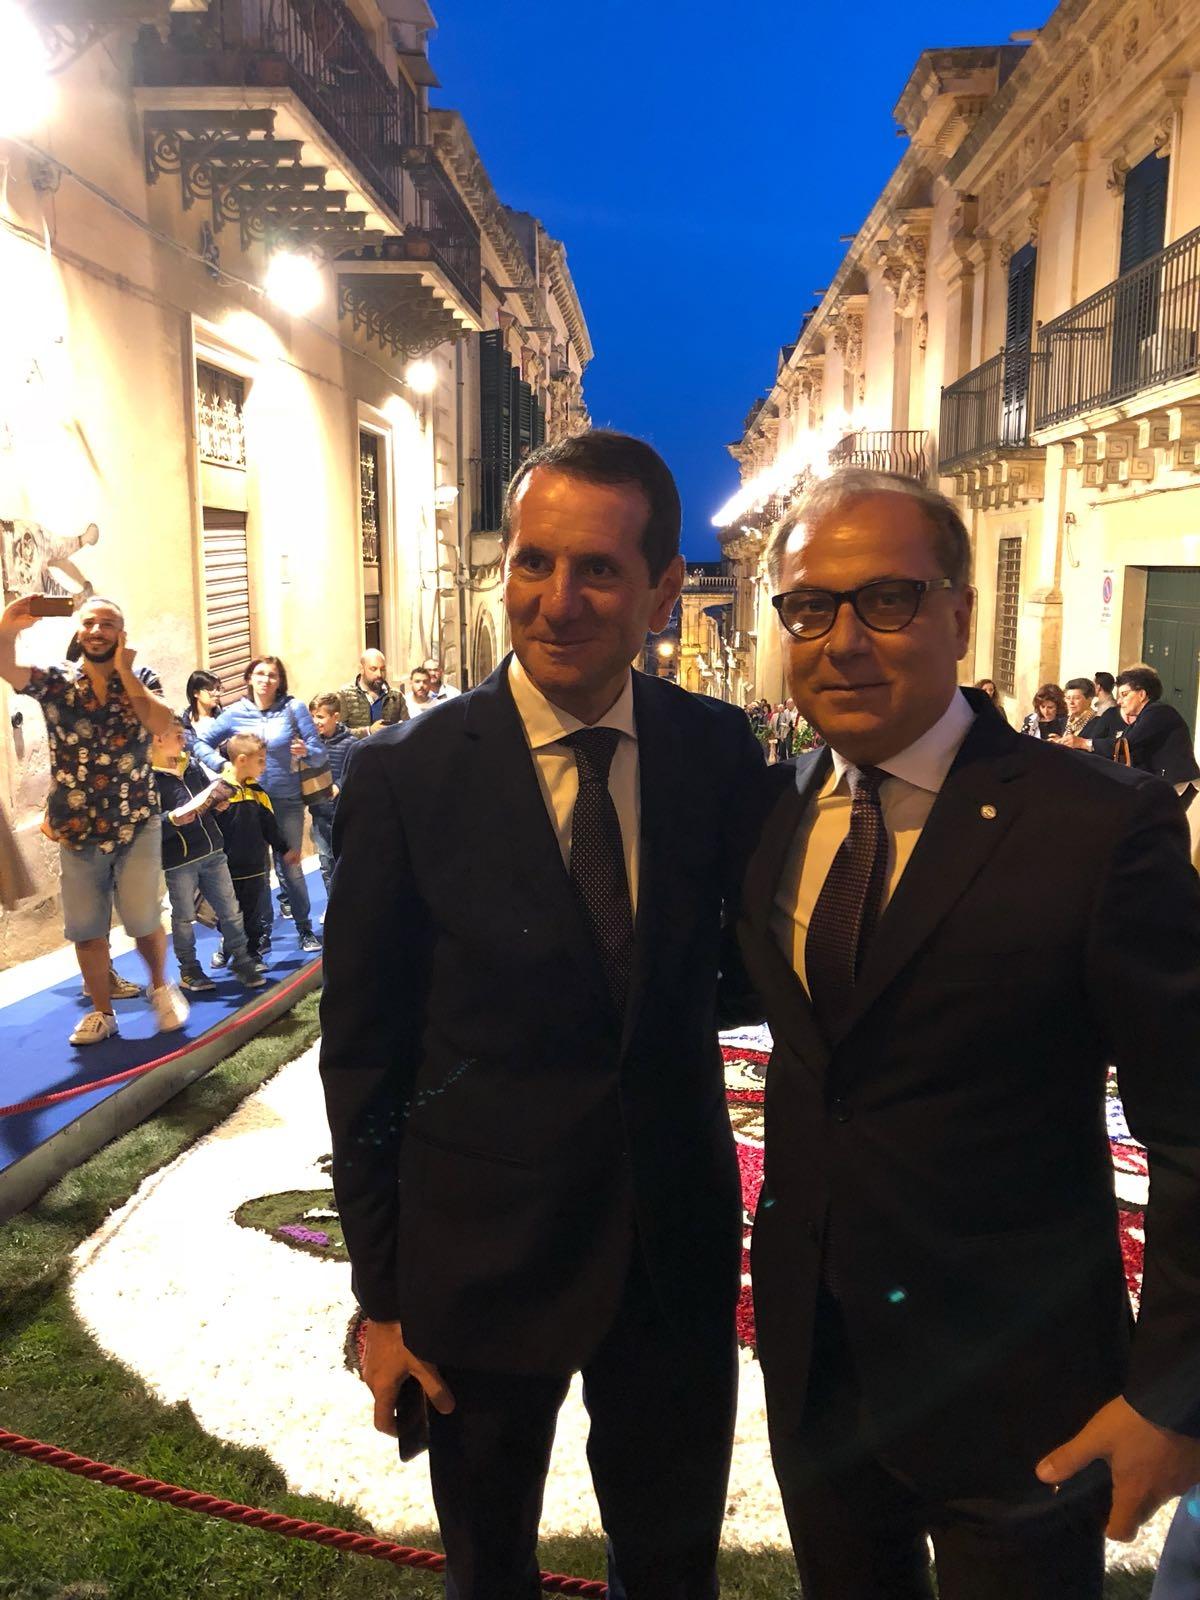 Domani il sindaco  di Noto Corrado Bonfanti ospite a Rai 1